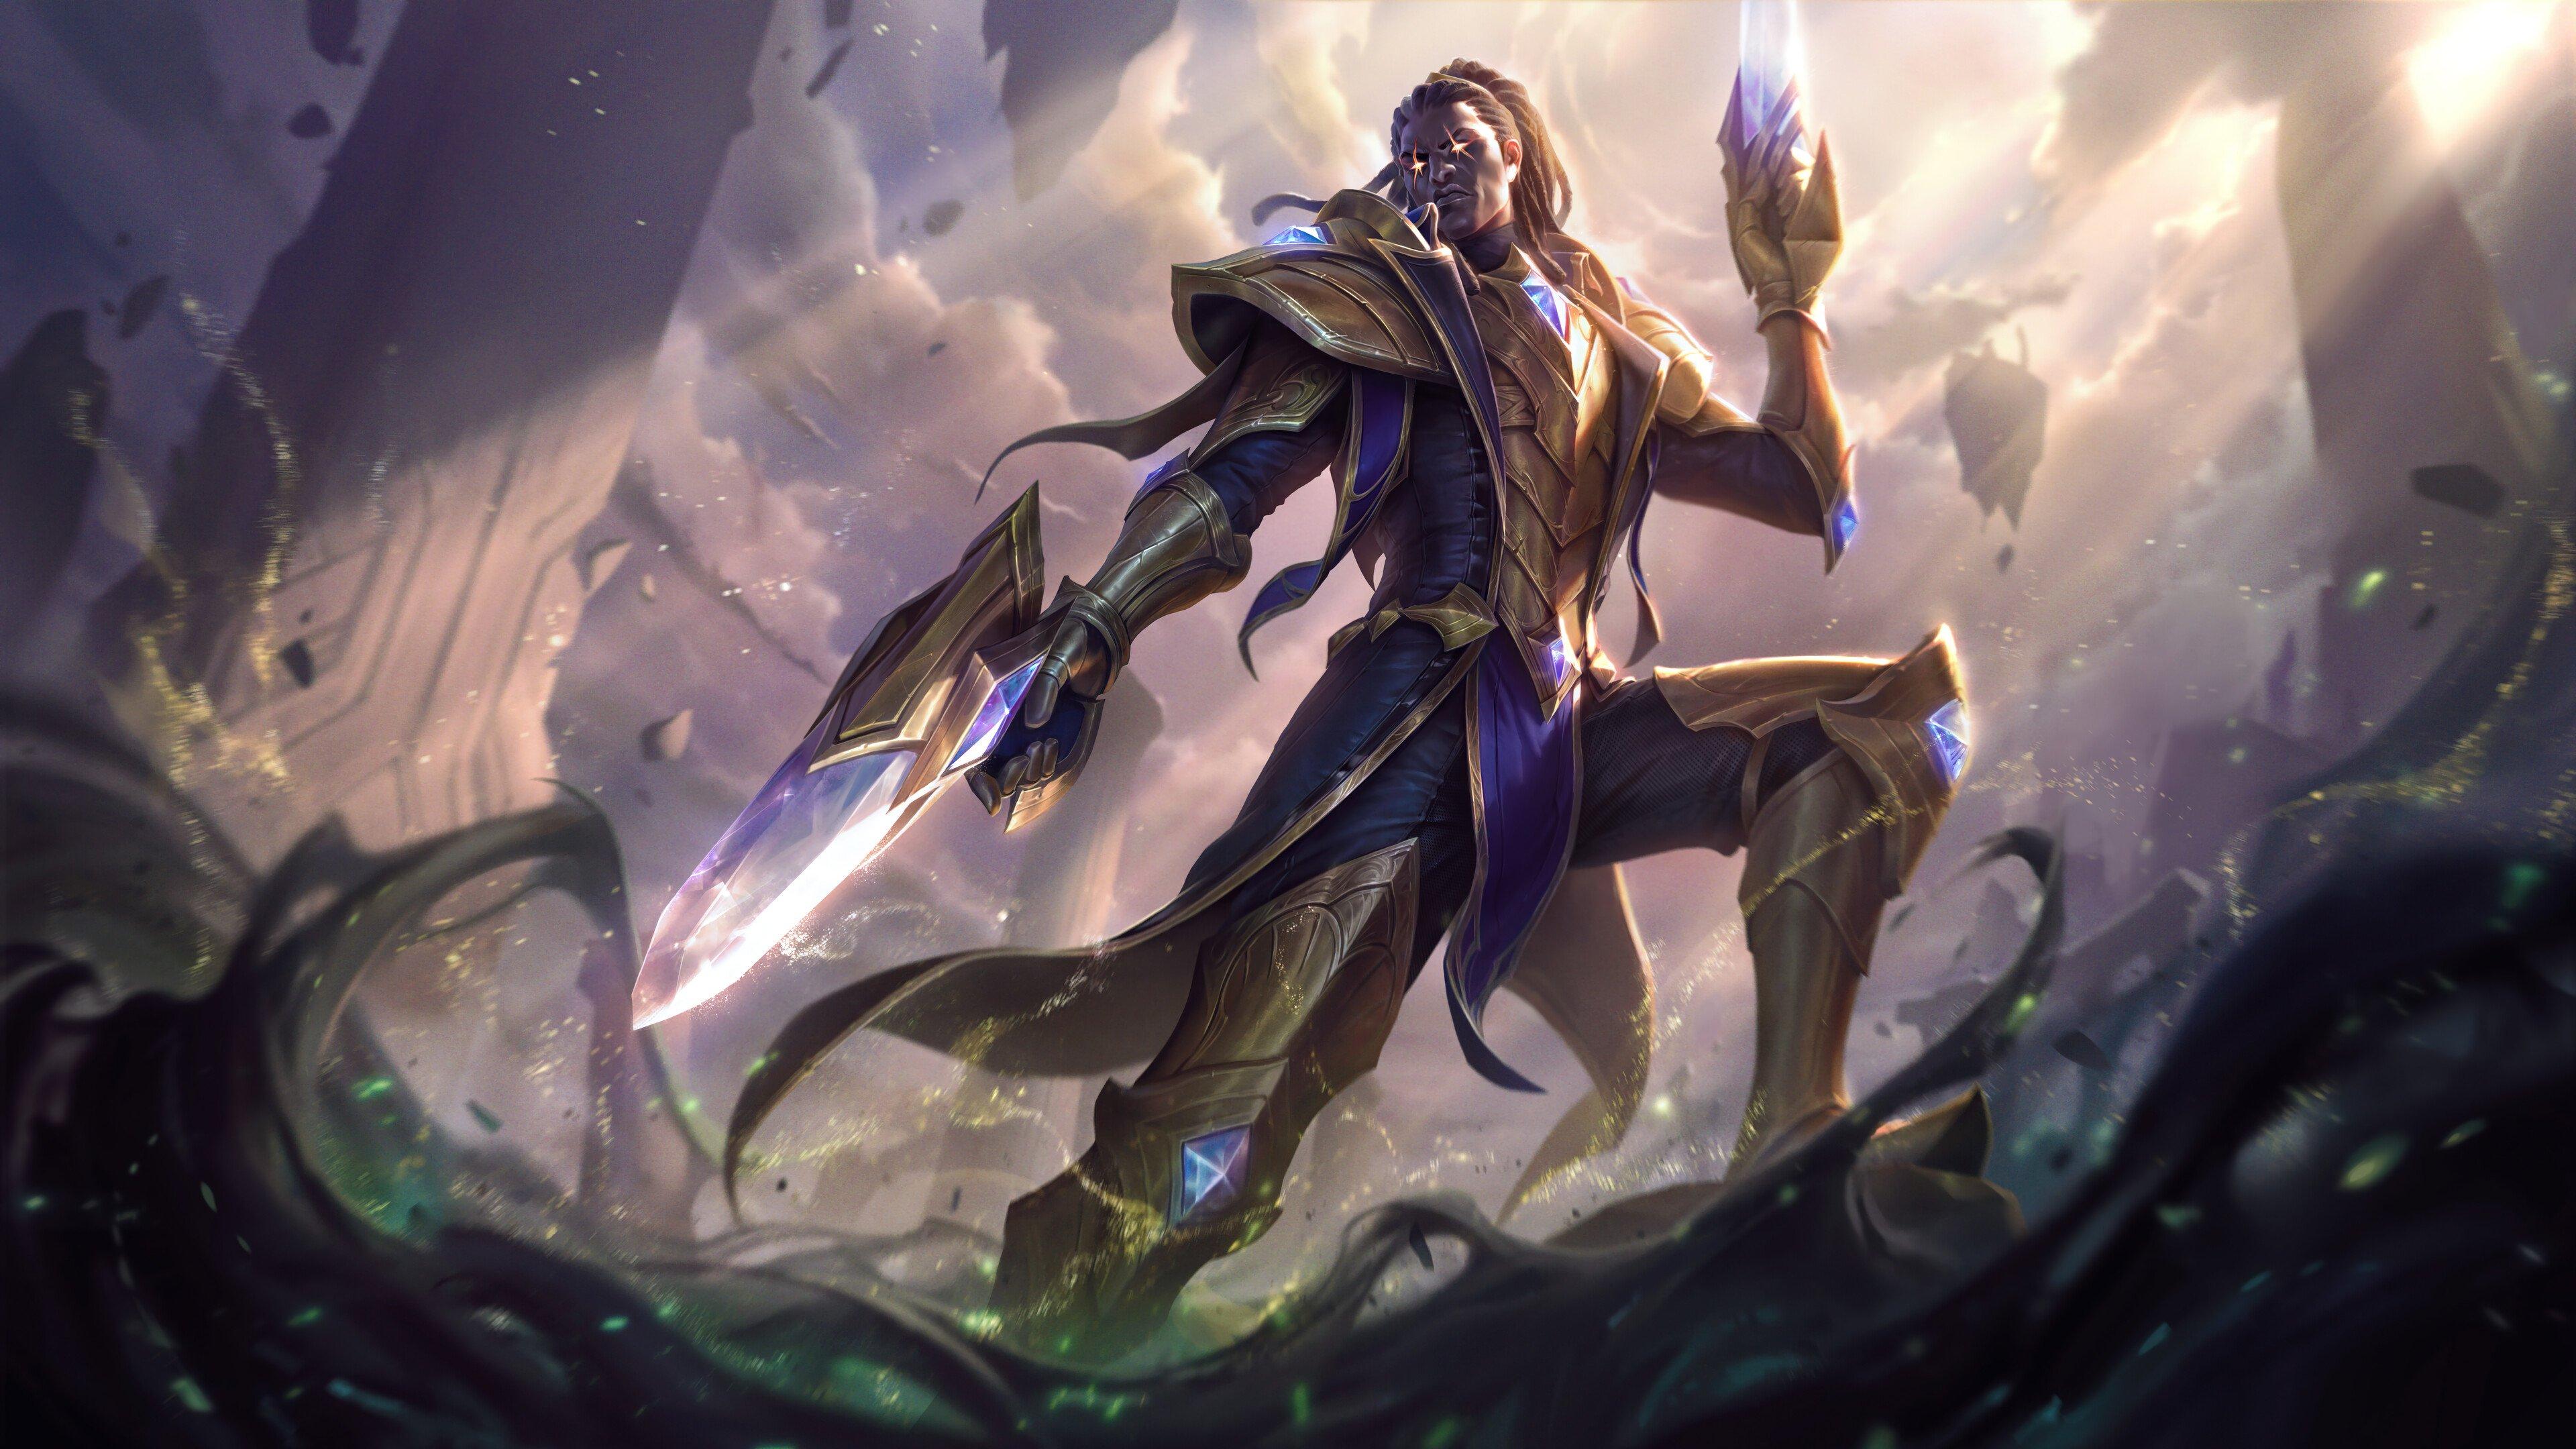 Wallpaper Lucian from League of Legends